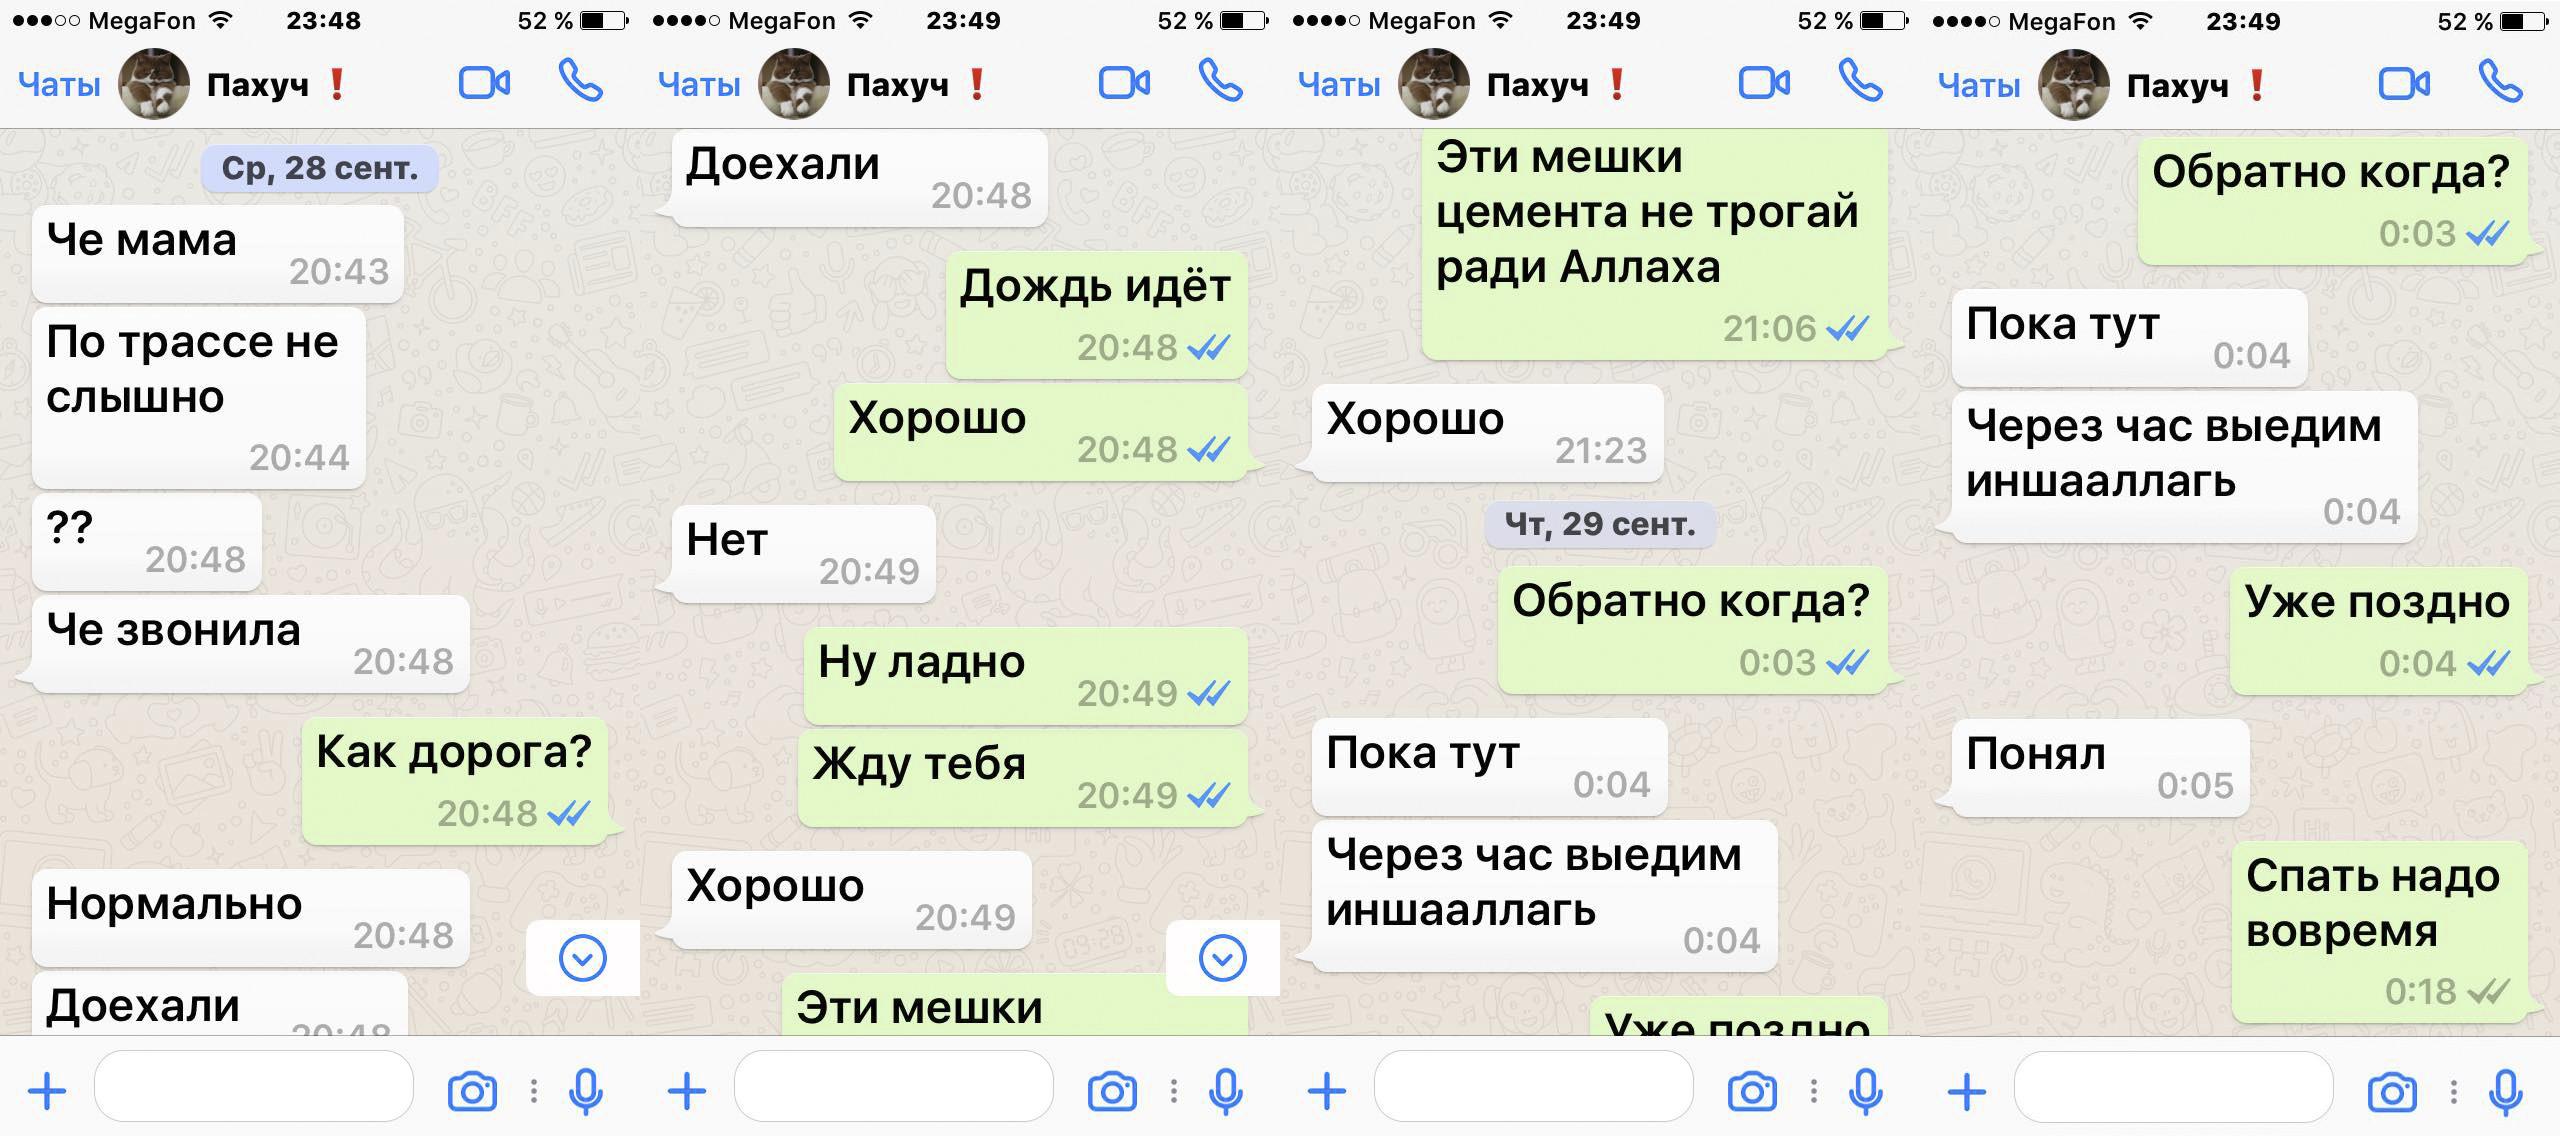 Последняя переписка Бурлият Махаевой в WhatsApp с сыном Пахрудином.